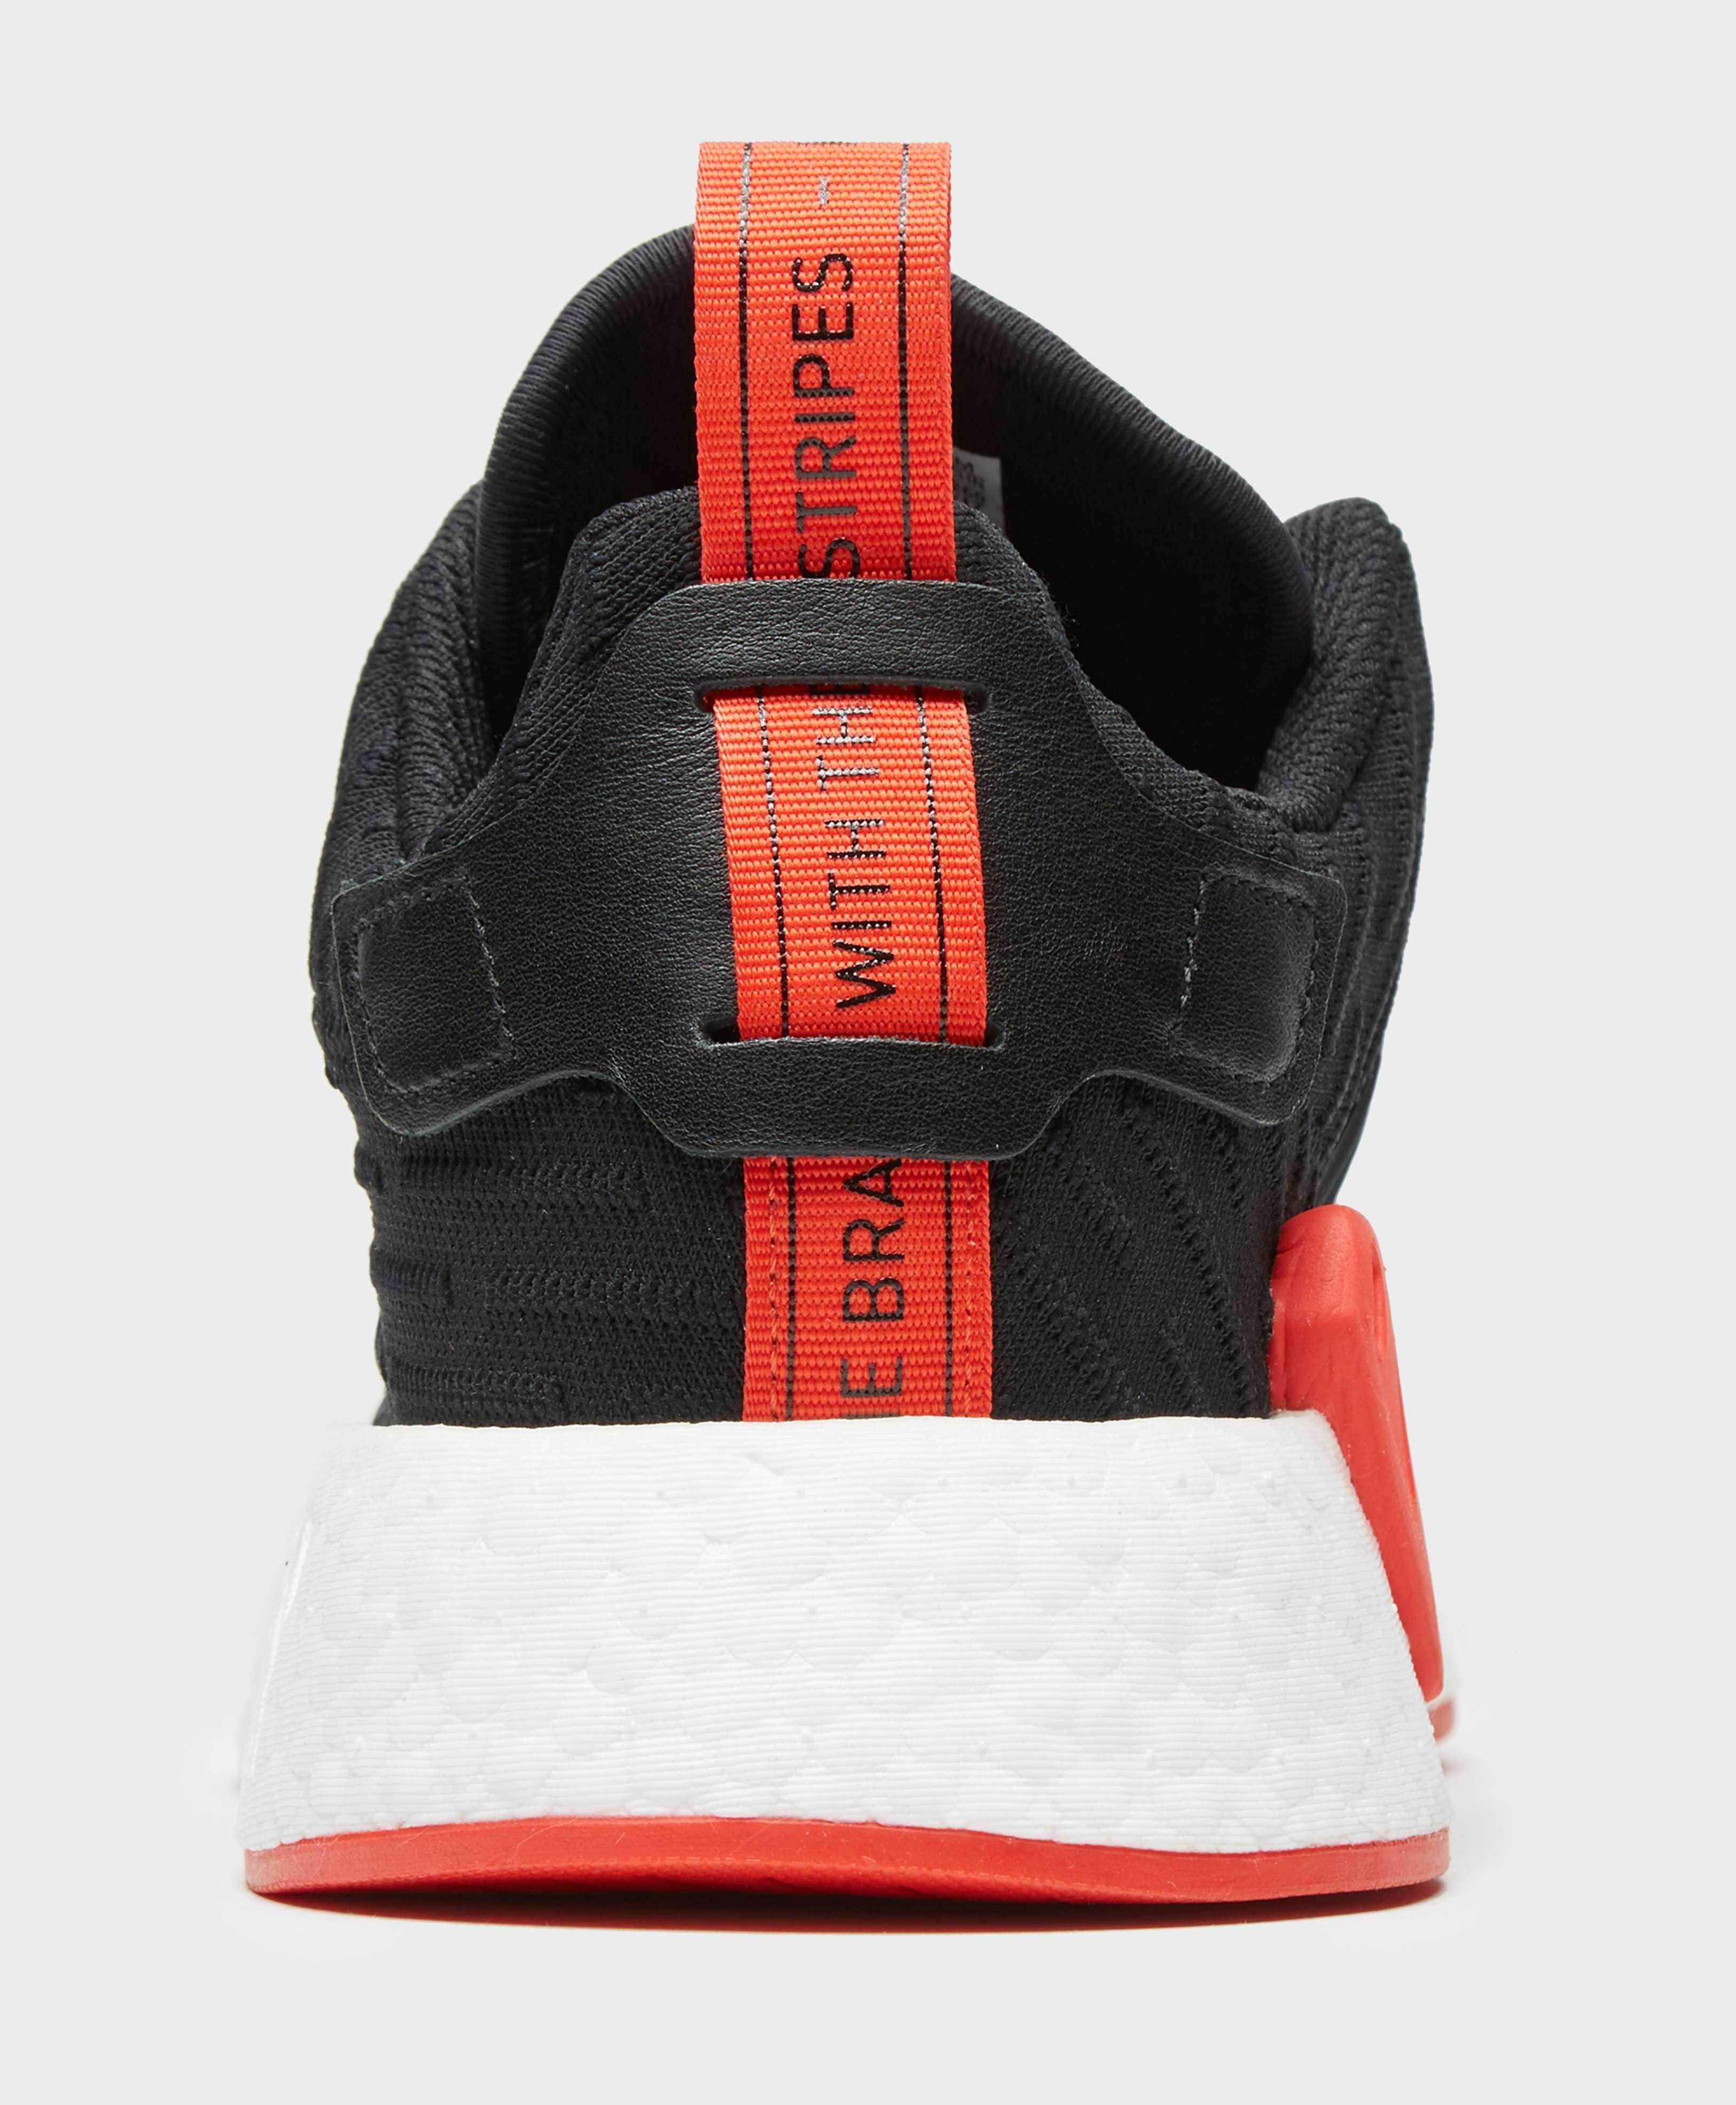 adidas Originals NMD_R2 PK